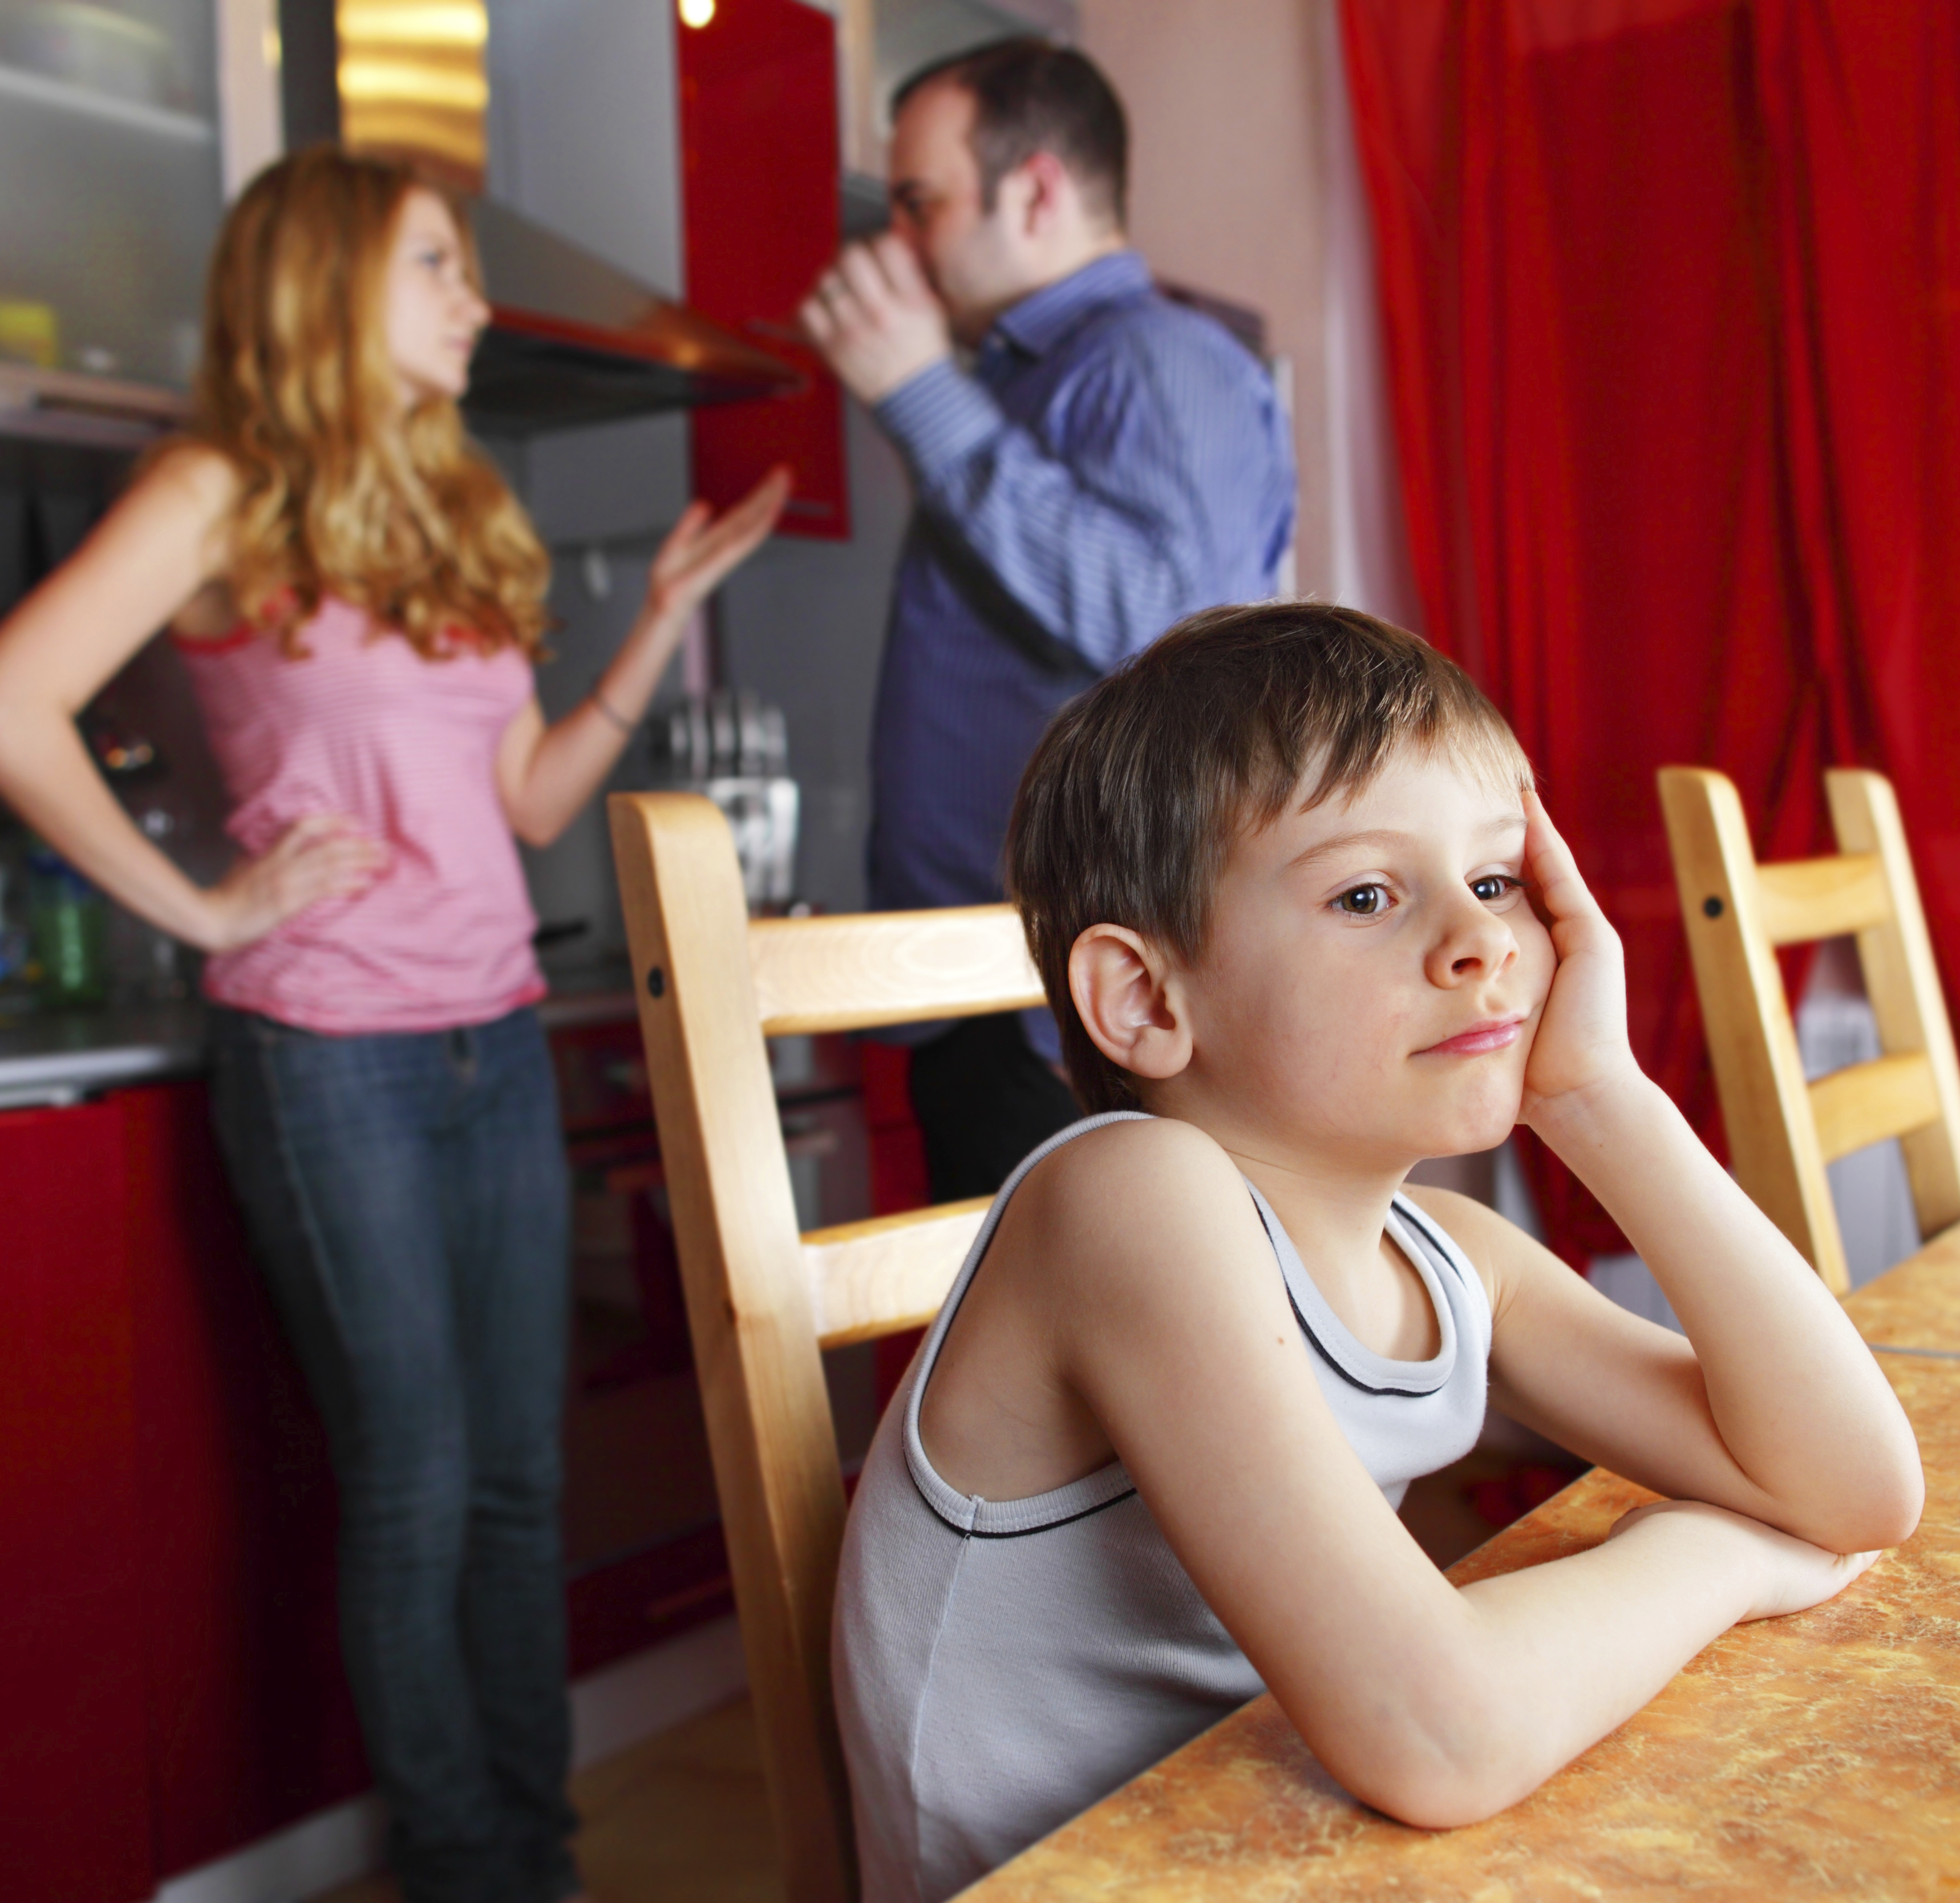 Как подать на алименты, если родитель проживает в другом городе?